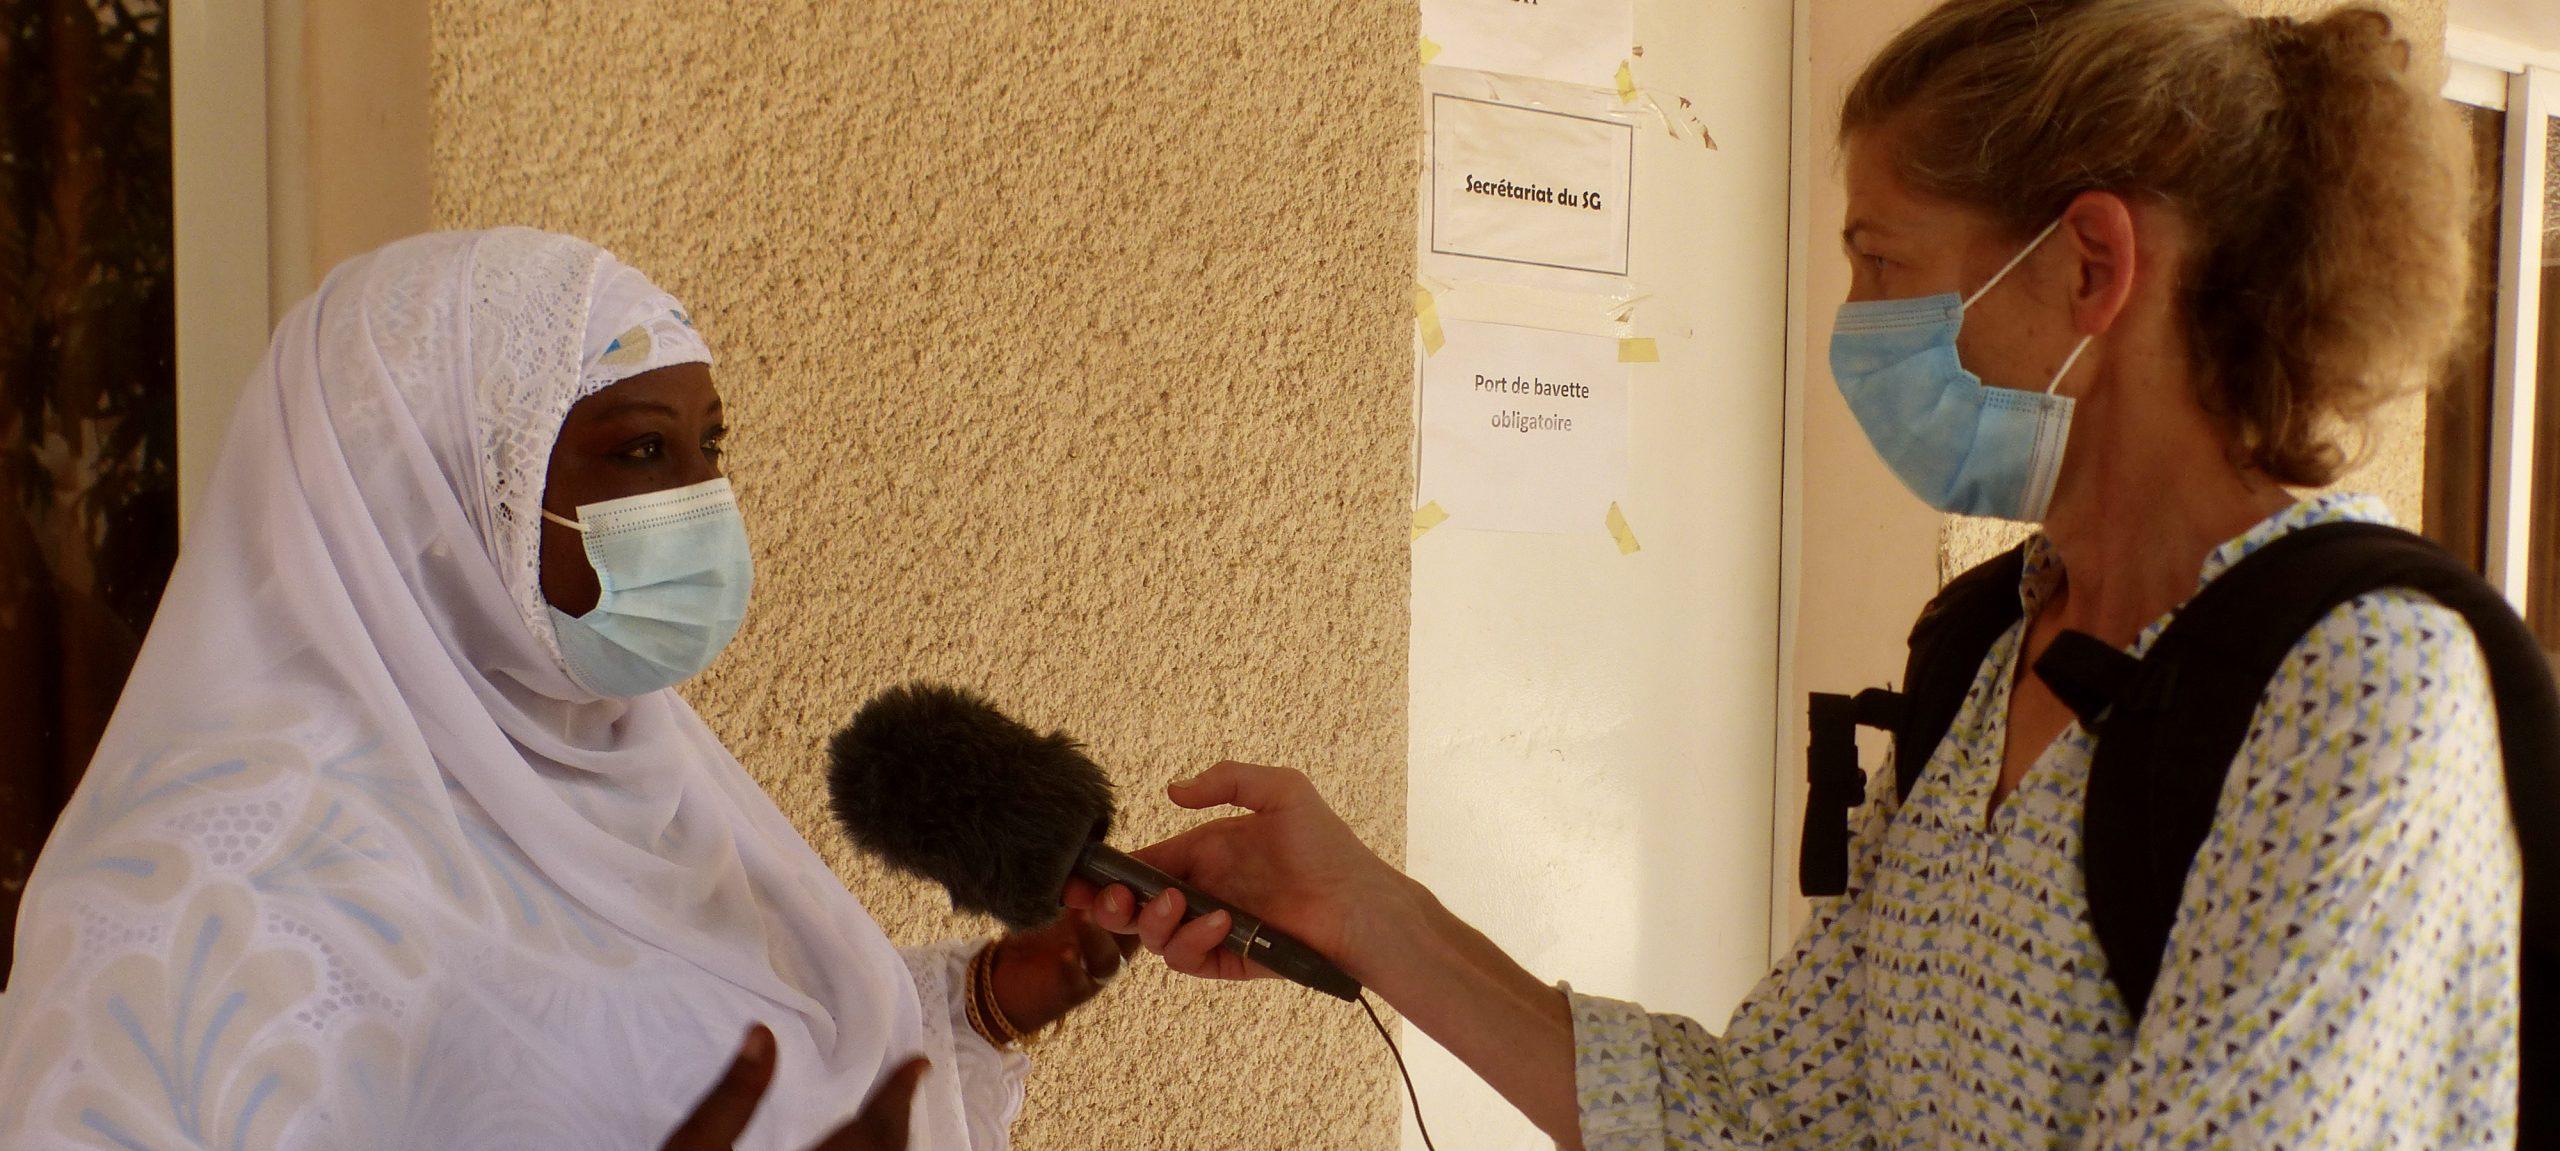 Niger Interview mit der Präfektin von Tillabery 2